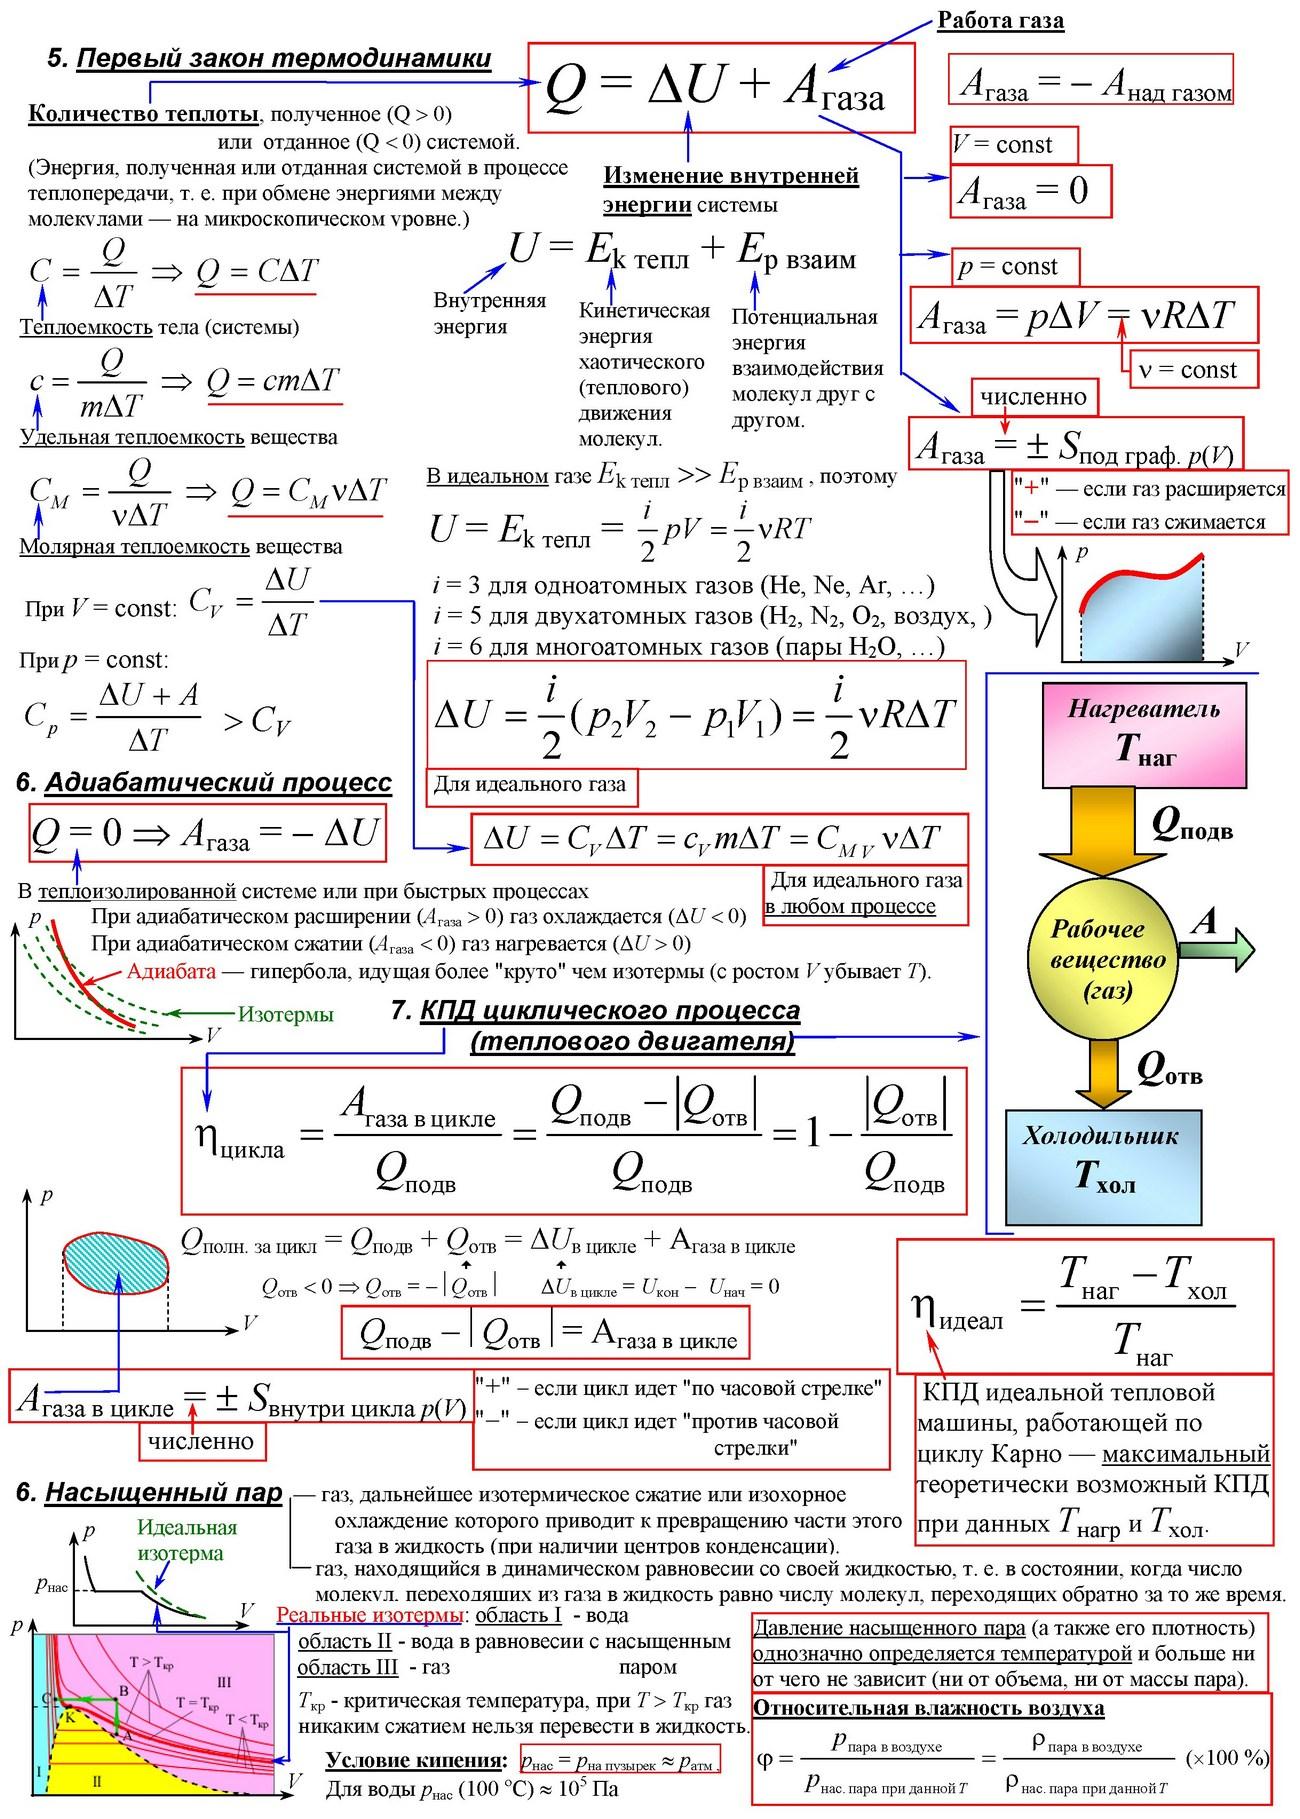 Термодинамика - физика - теория, тесты, формулы и задачи - обучение физике, онлайн подготовка к цт и егэ.